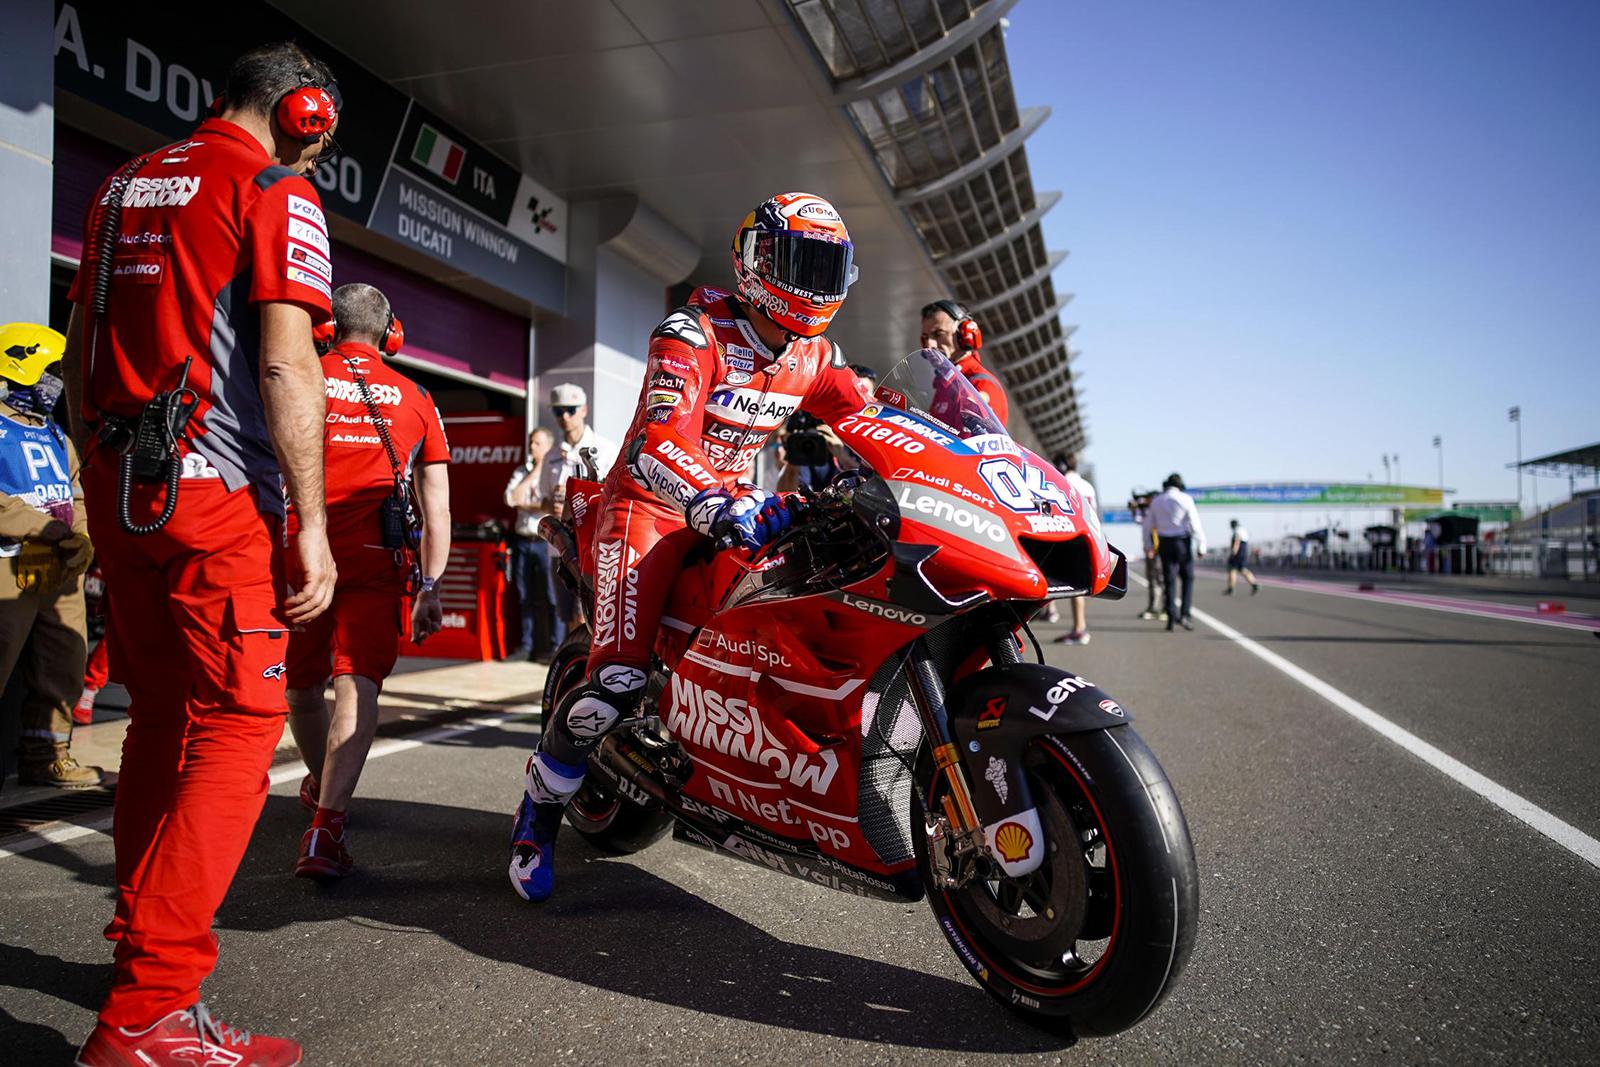 飆向北方。MotoGP芬蘭站宣布年中進行測試 力拼2020加入賽程 | SUPERMOTO8